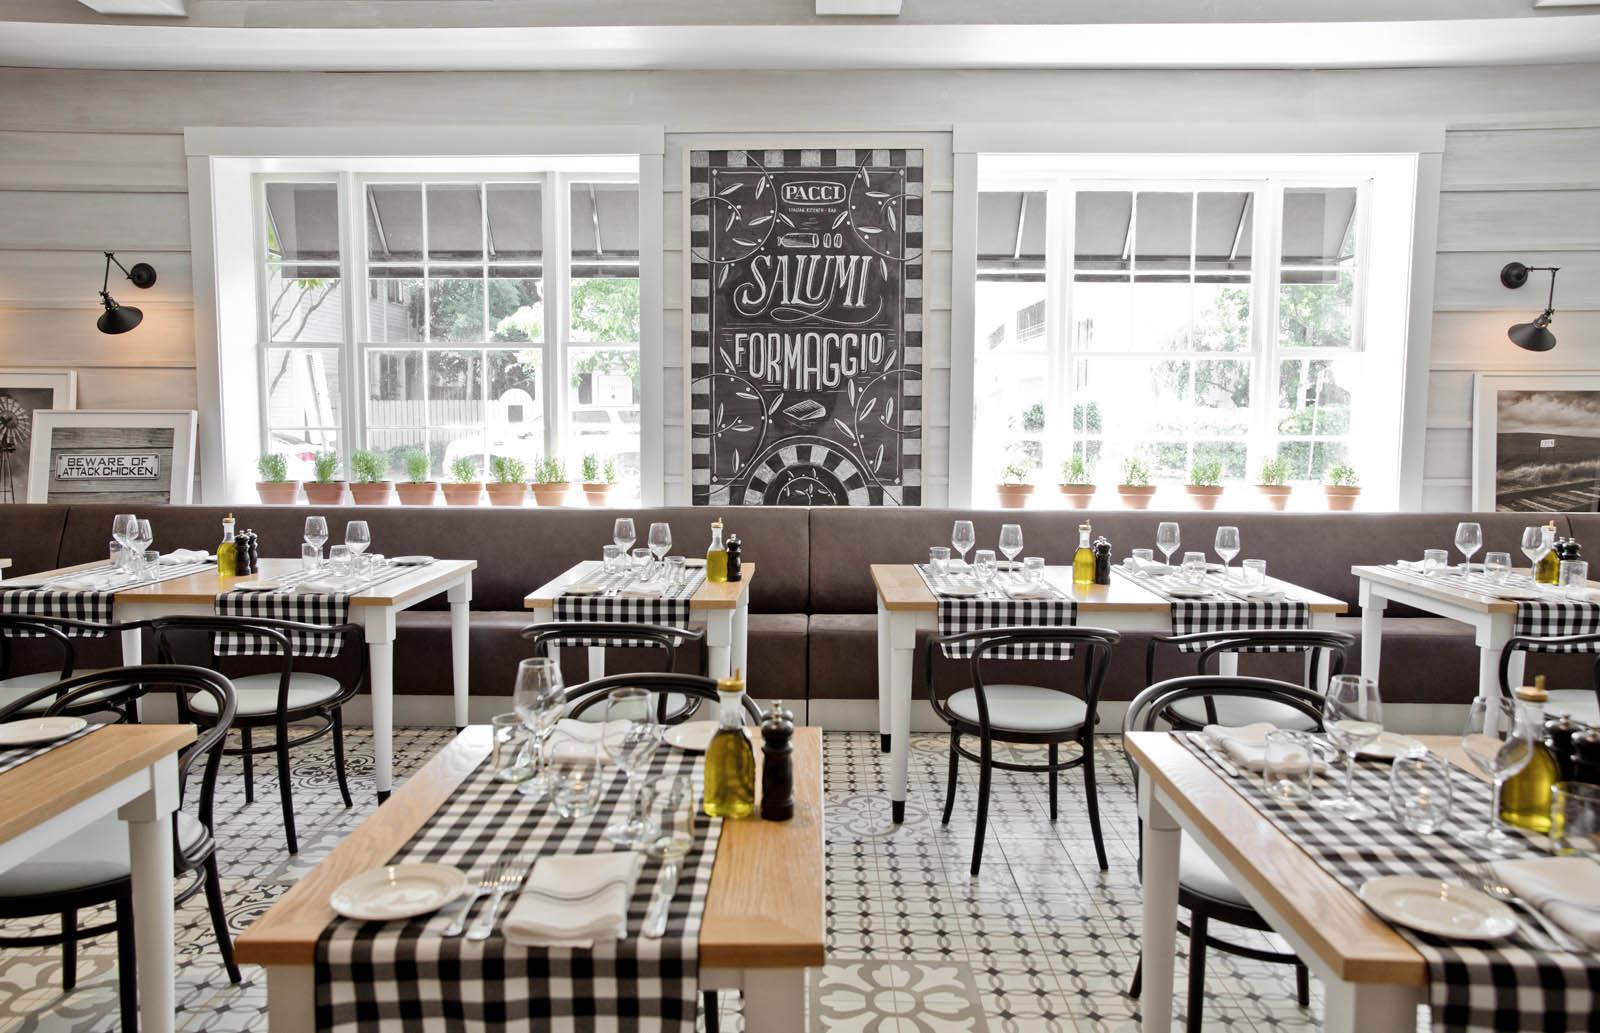 Chic and Cozy Restaurant Interior Design